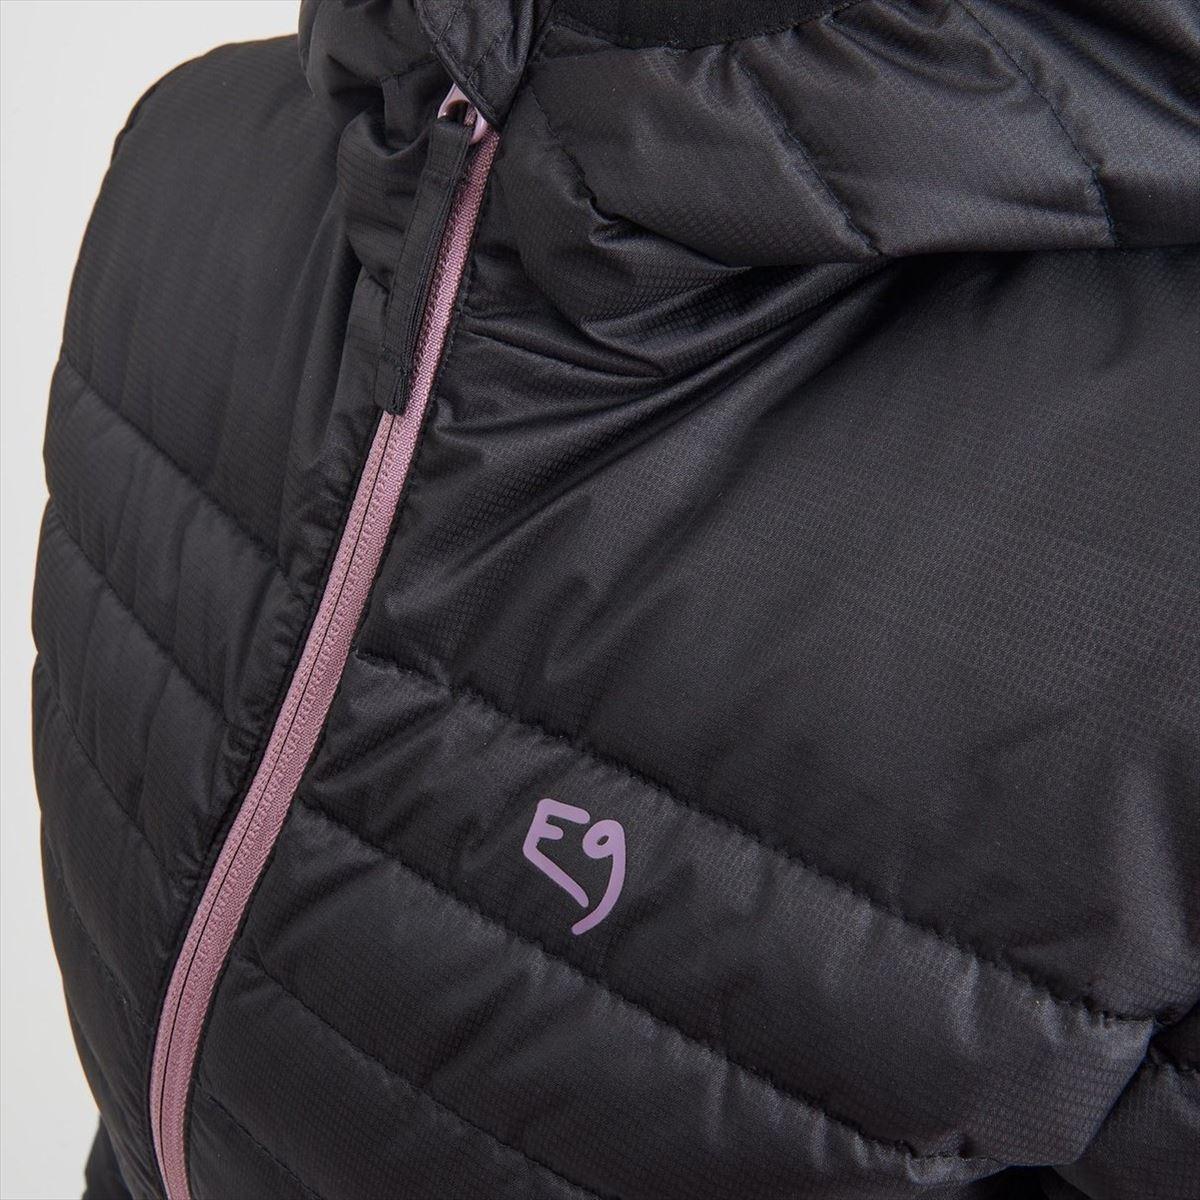 E9 Ws POP W20 ブラック